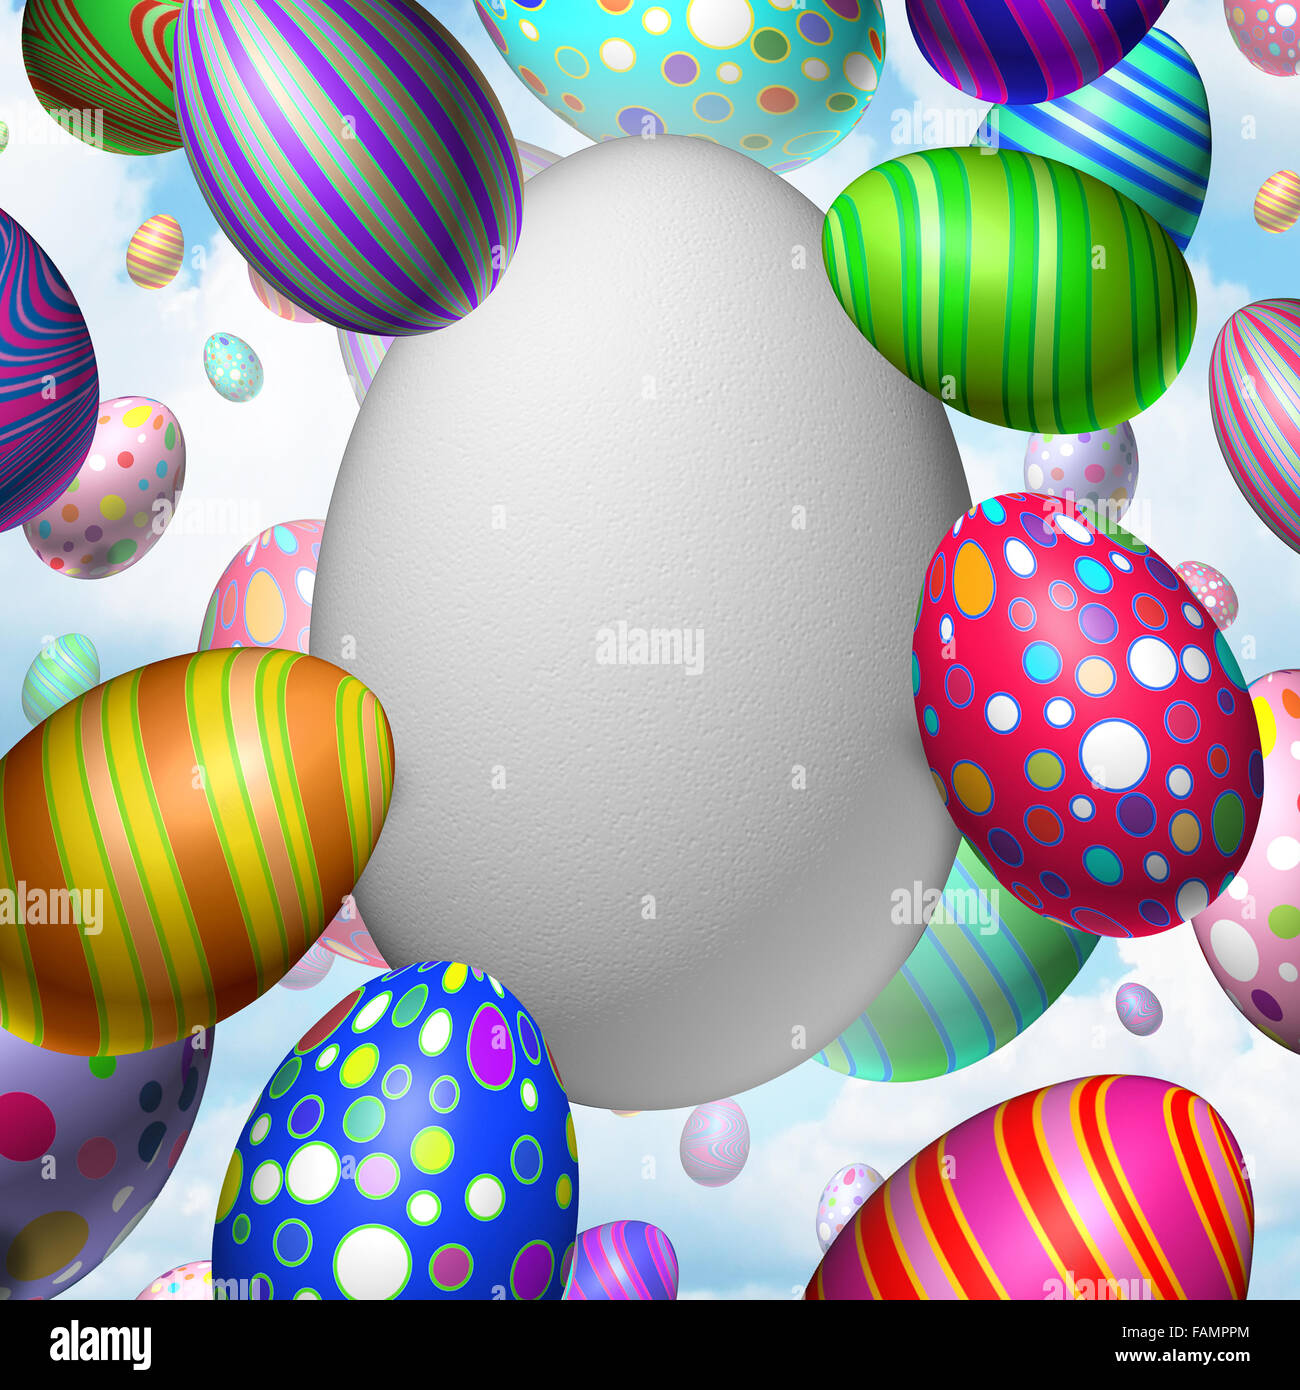 Celebrazione di pasqua uovo vuoto nozione come un gruppo di battenti uova decorate con un grande uovo bianco come Immagini Stock